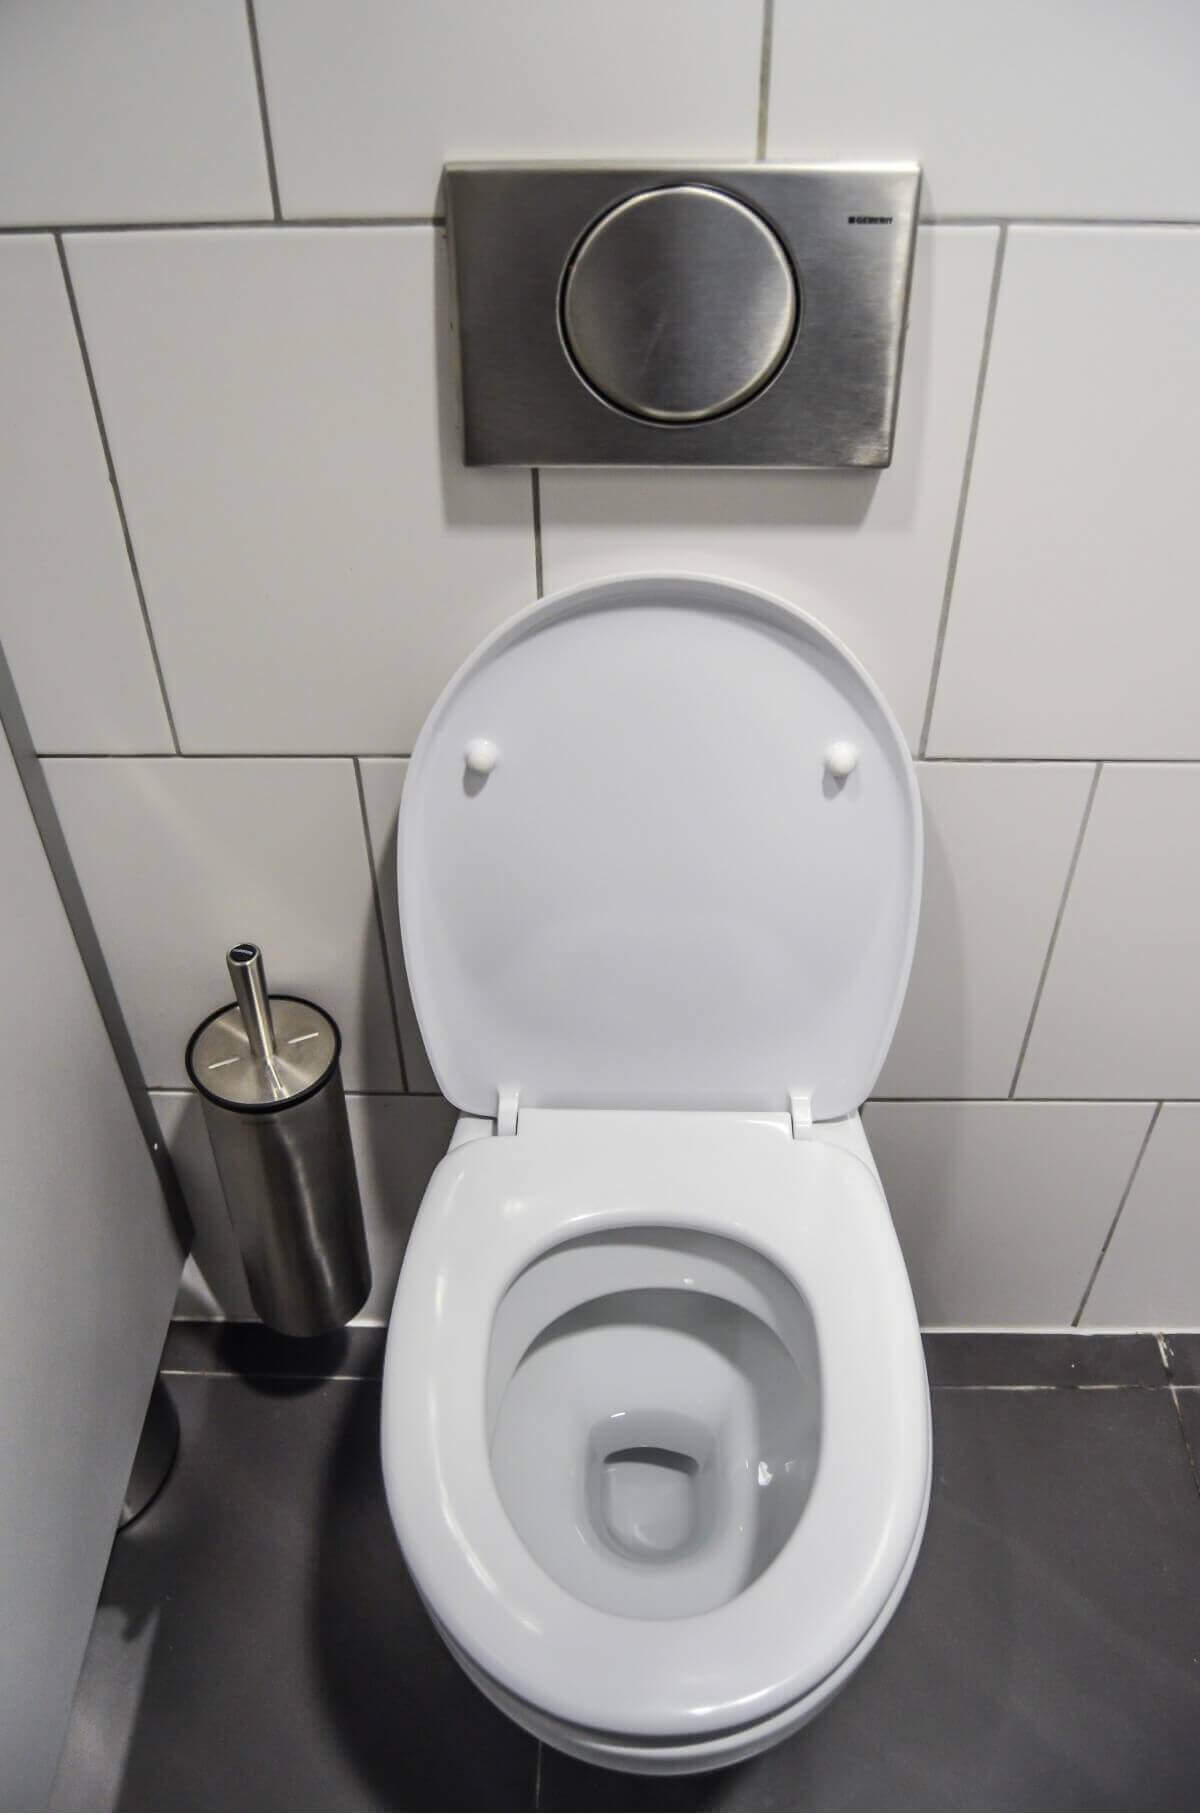 猫砂をトイレに流す場合の注意点